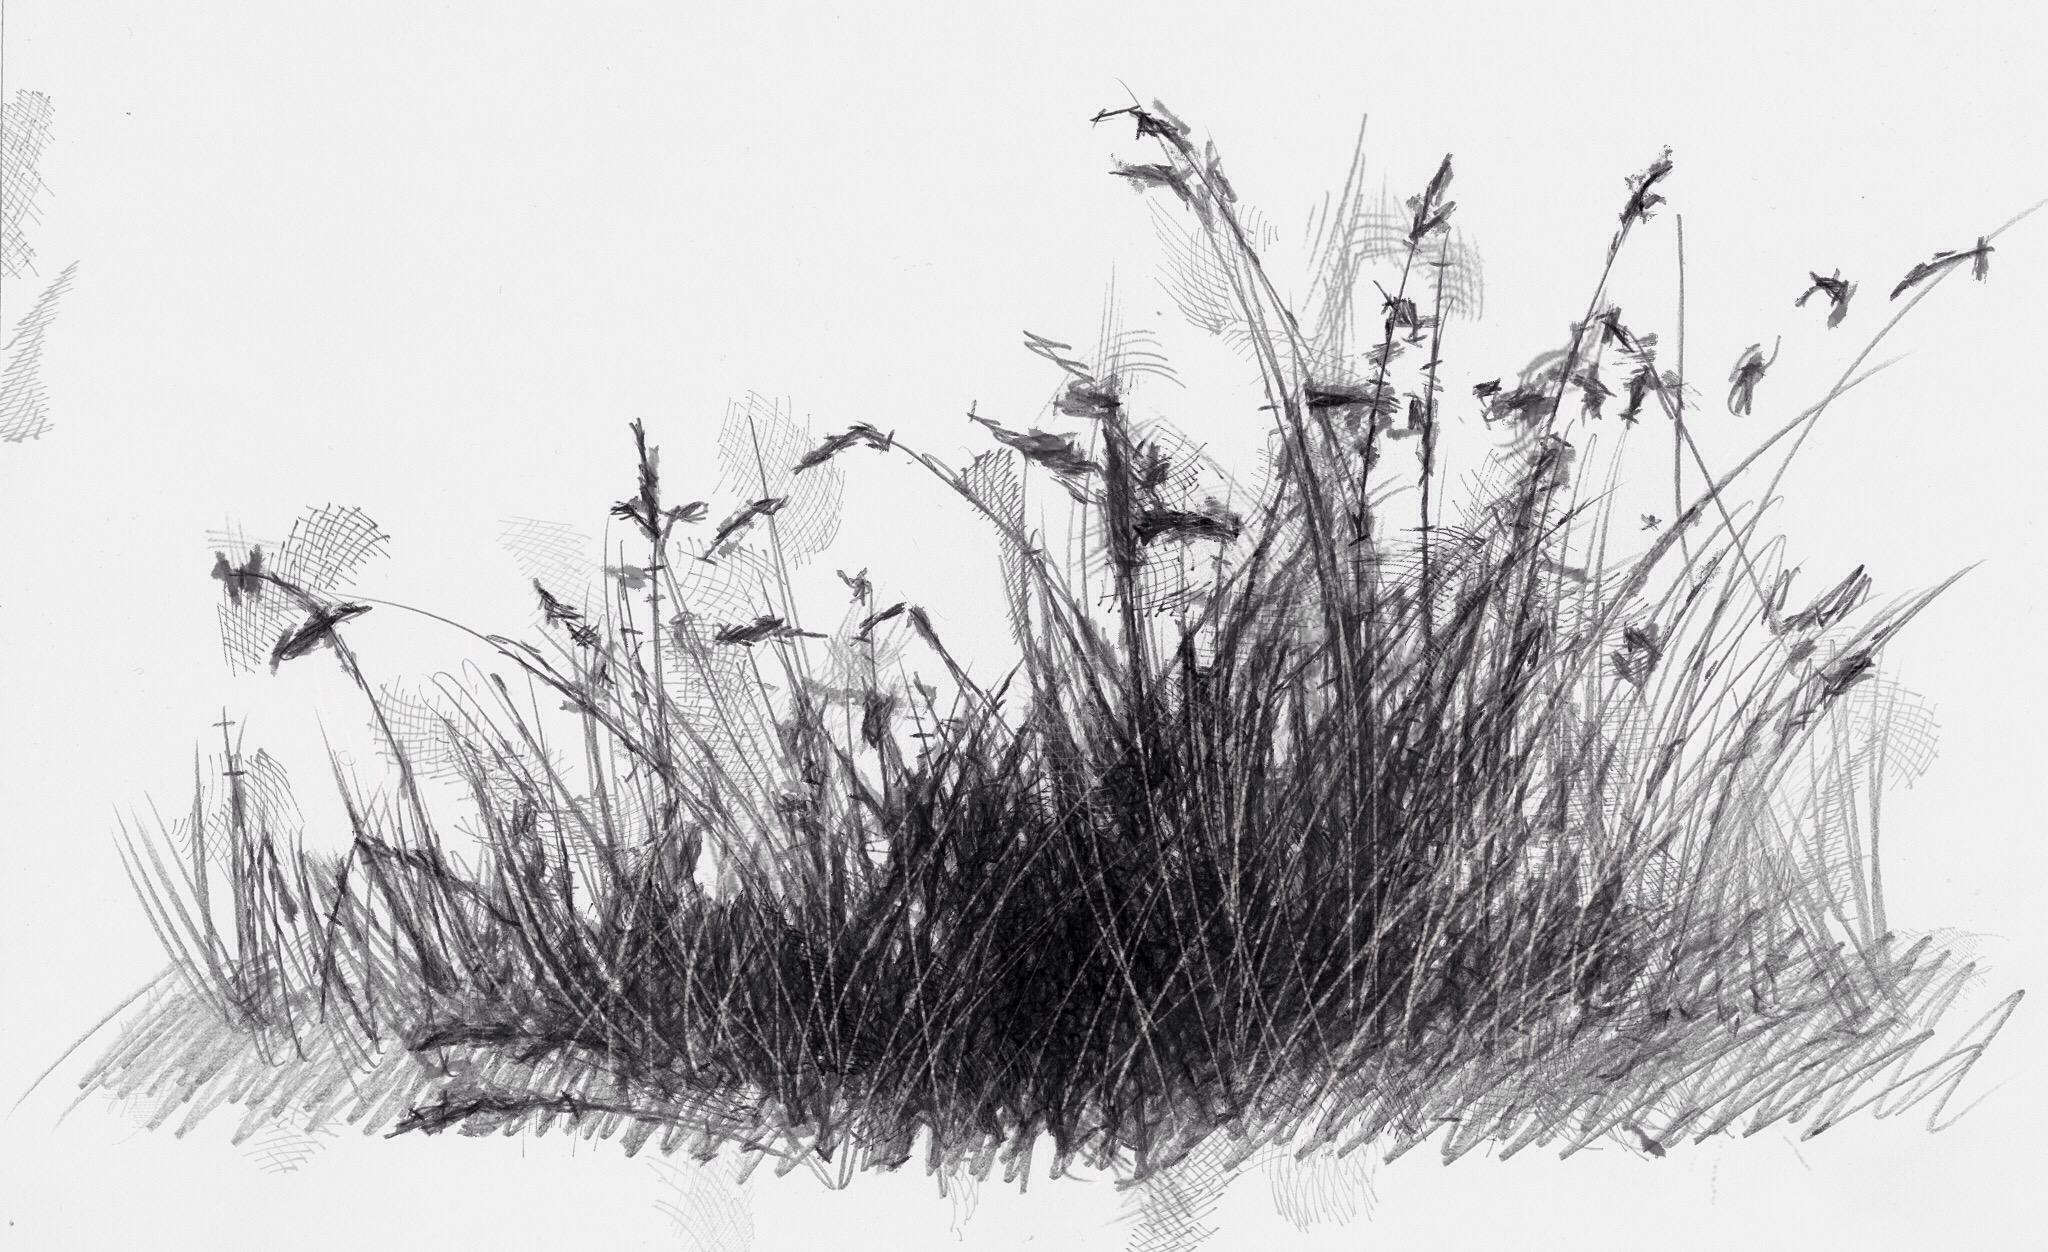 Трава картинки в карандашей